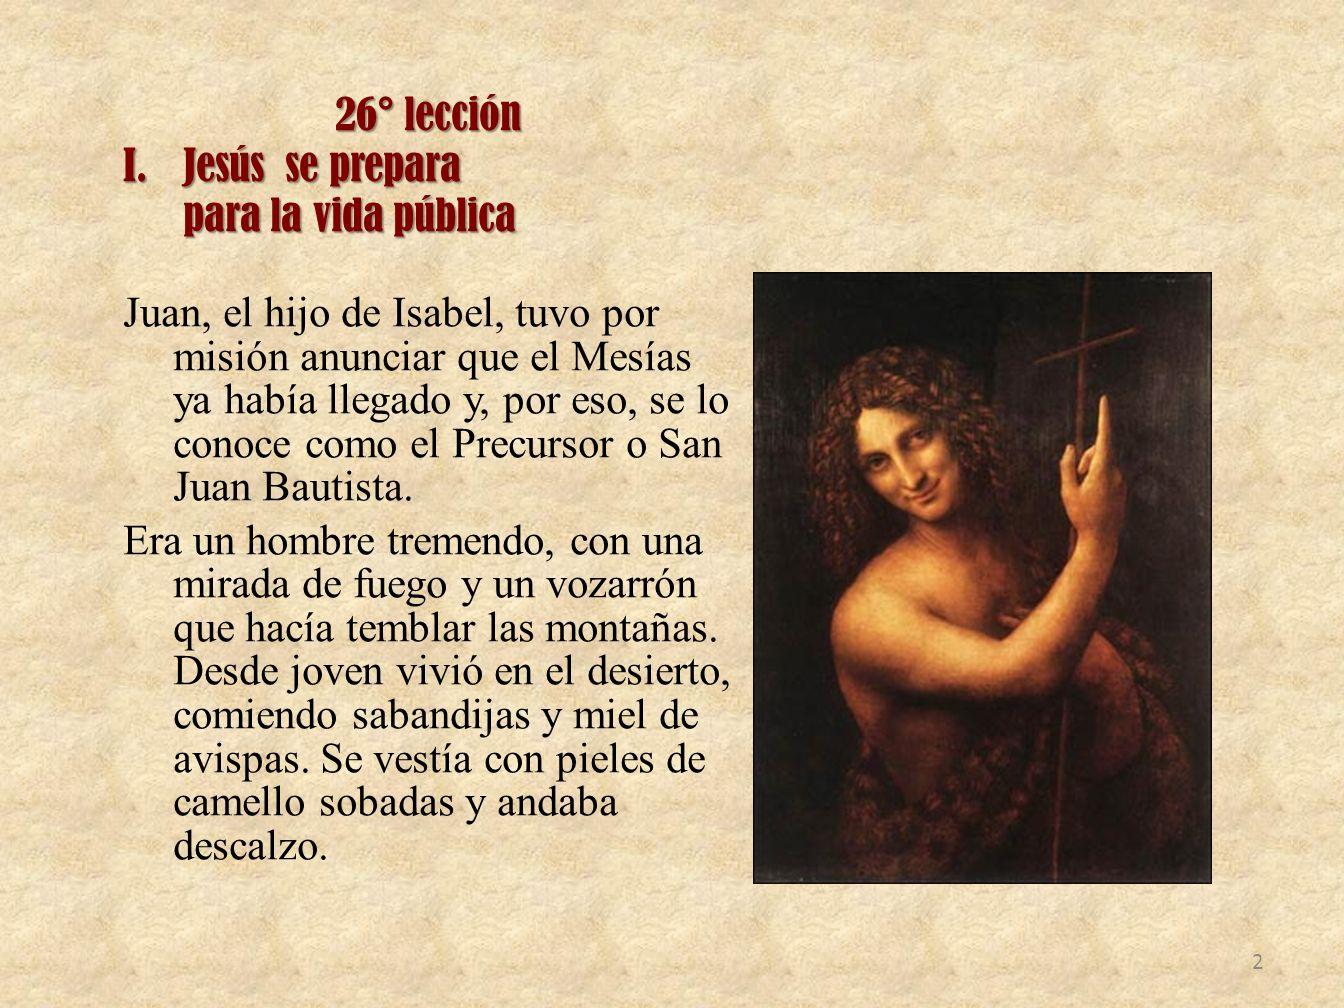 26° lección I.Jesús se prepara para la vida pública Juan, el hijo de Isabel, tuvo por misión anunciar que el Mesías ya había llegado y, por eso, se lo